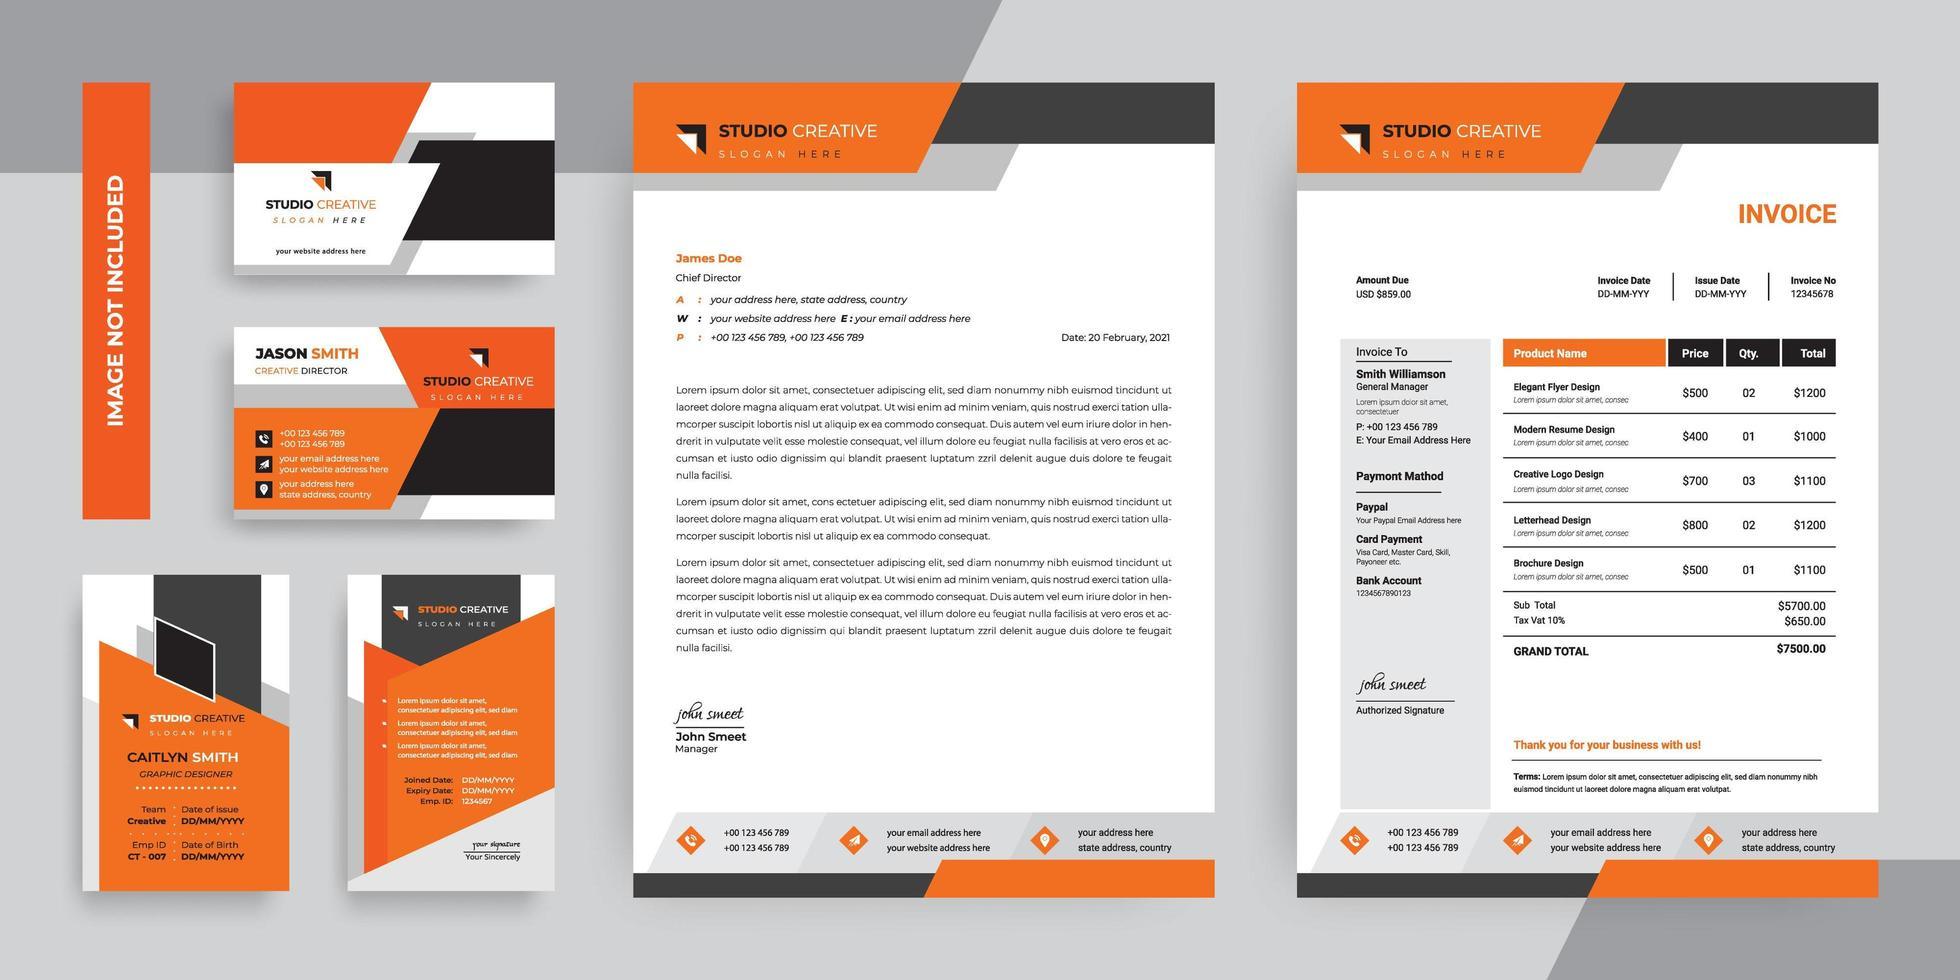 conjunto de plantillas de papelería de negocios moderno naranja y negro vector